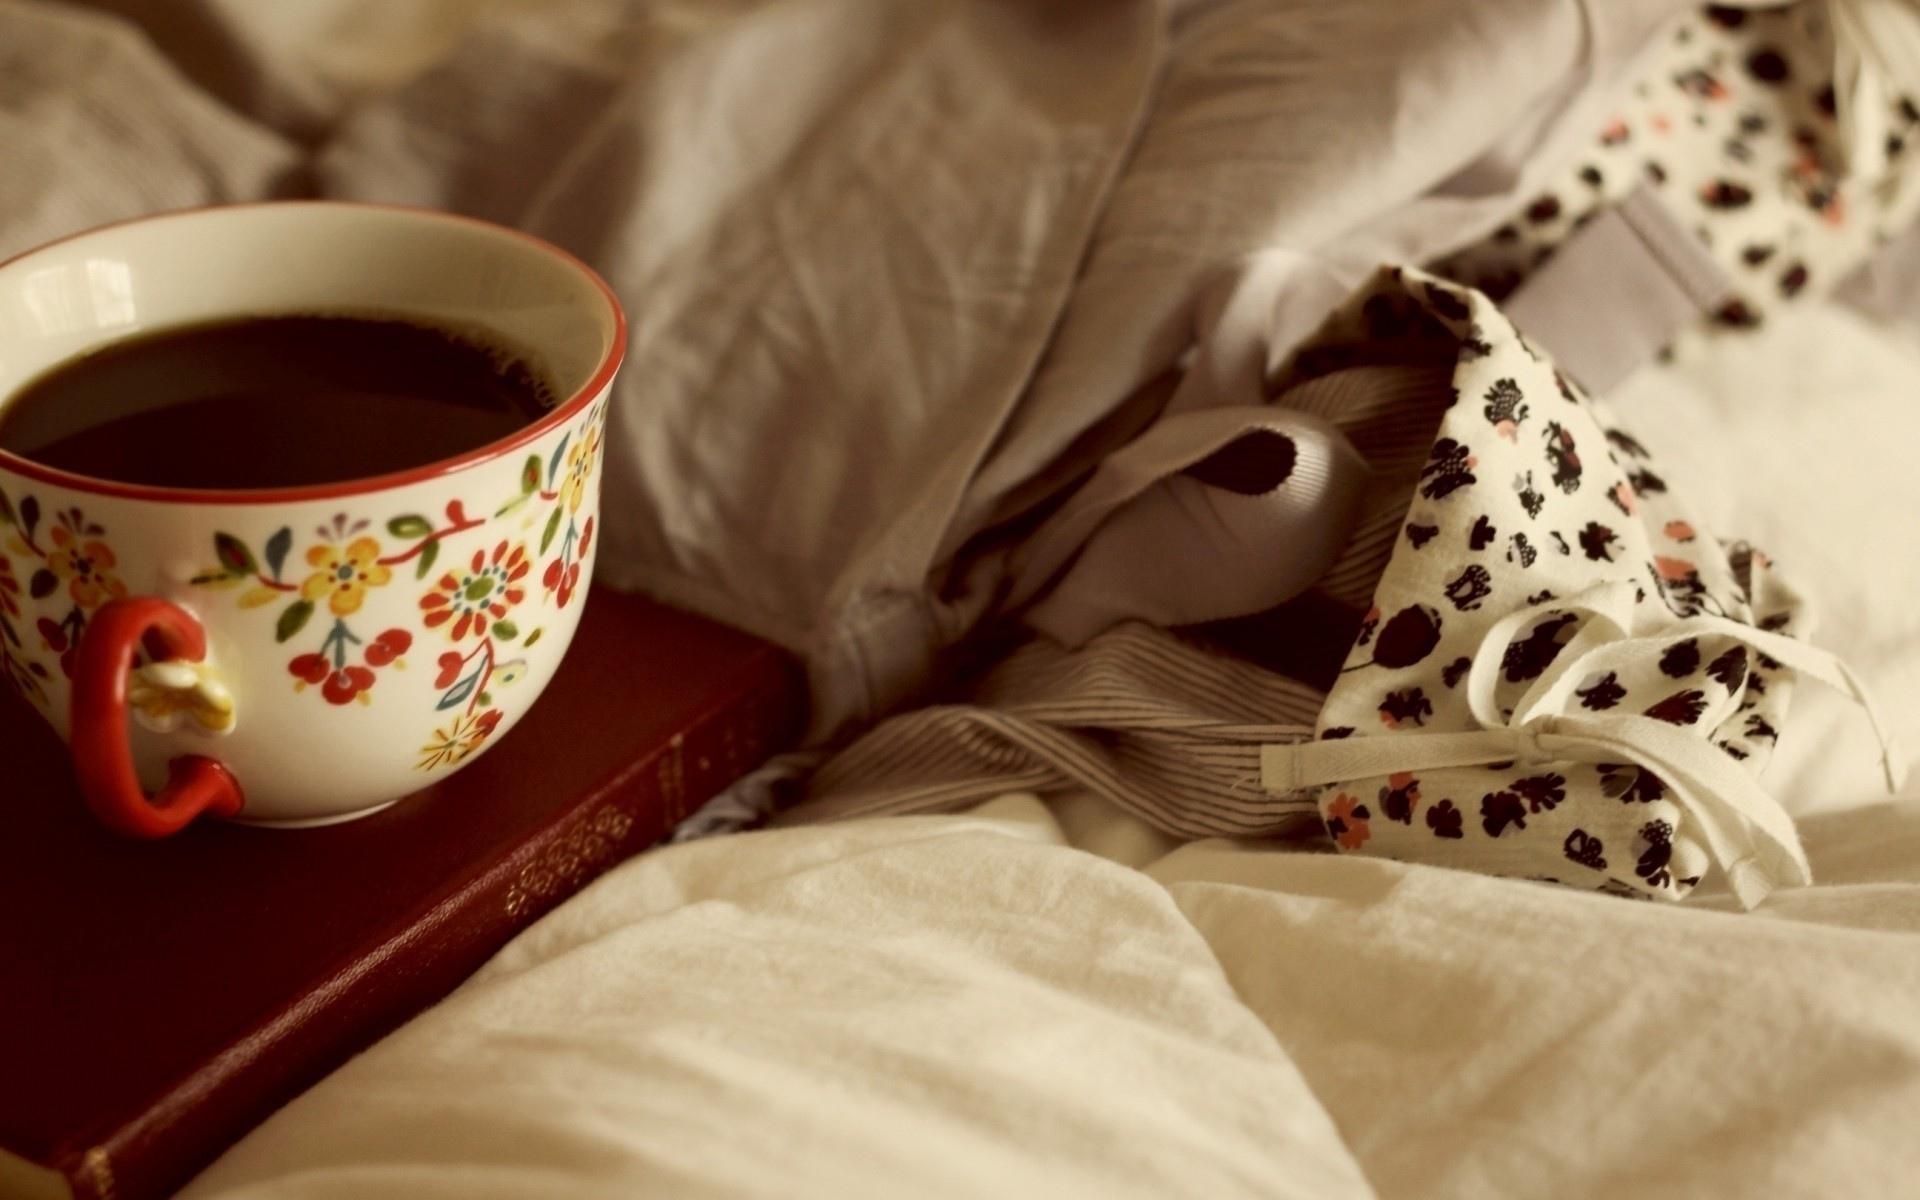 buna dimineata cu cafea